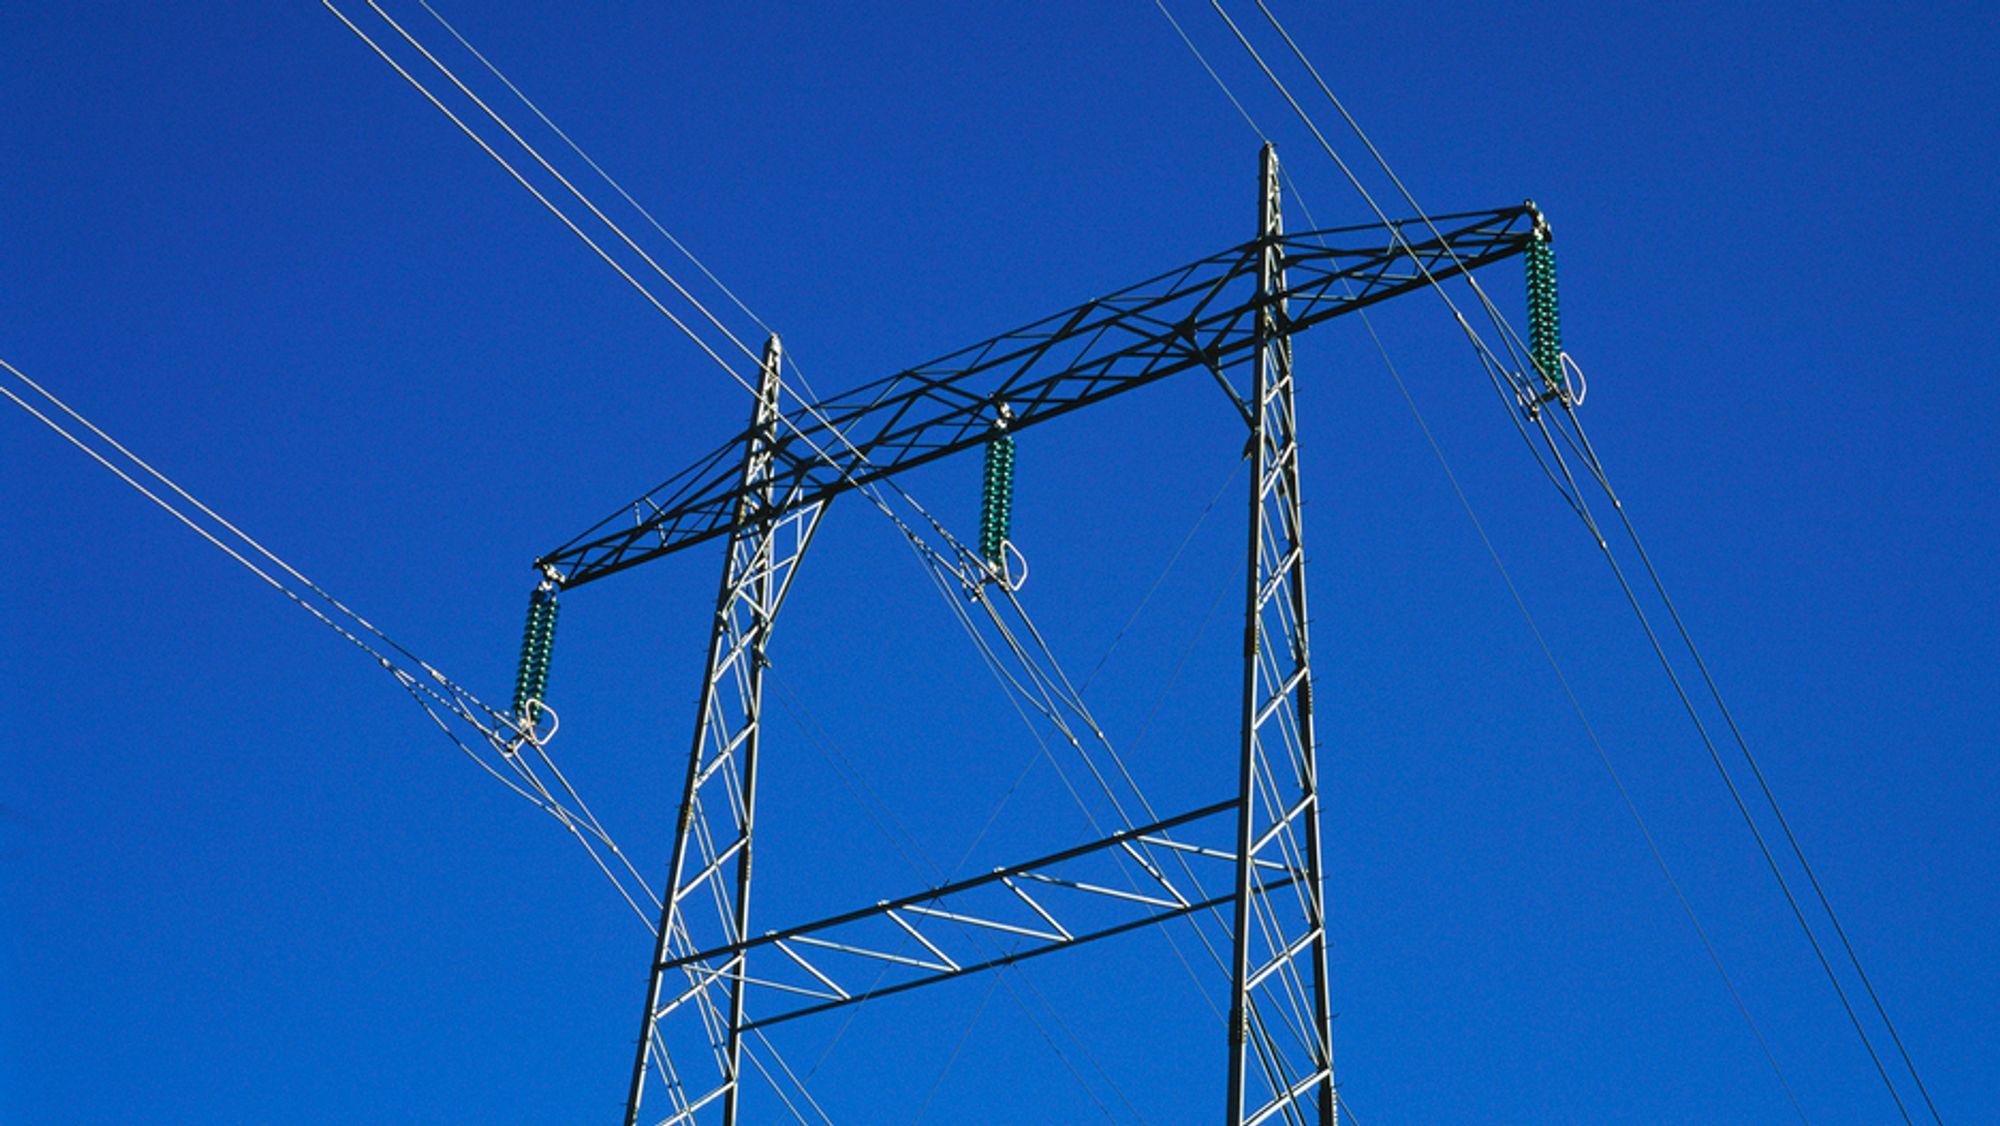 Statnett har gjennomgått sikkerheten på Nettpartners kraftlinje-prosjekter, og varsler heving av kontrakter.